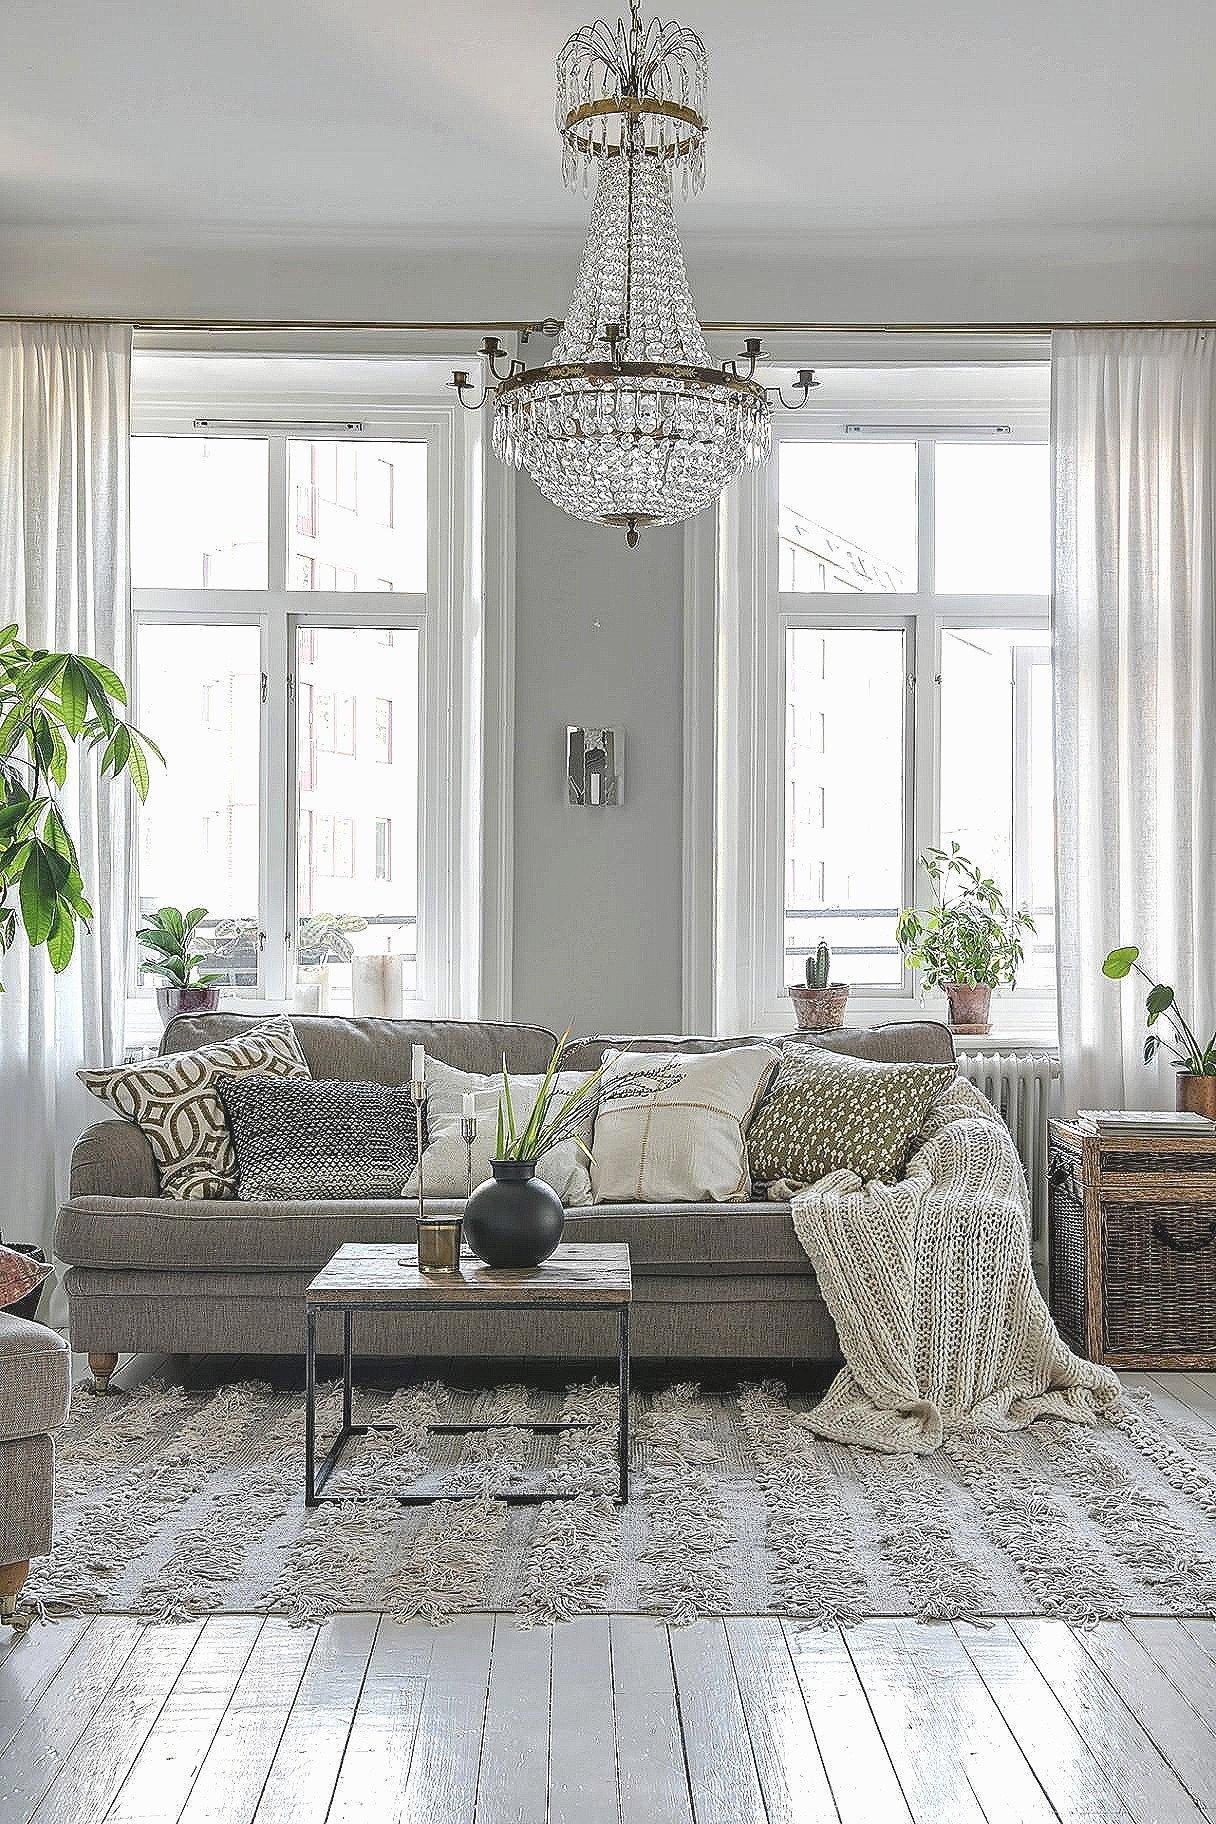 Wall Decals for Bedroom Fresh 30 attractive Hardwood Floor Decorating Ideas